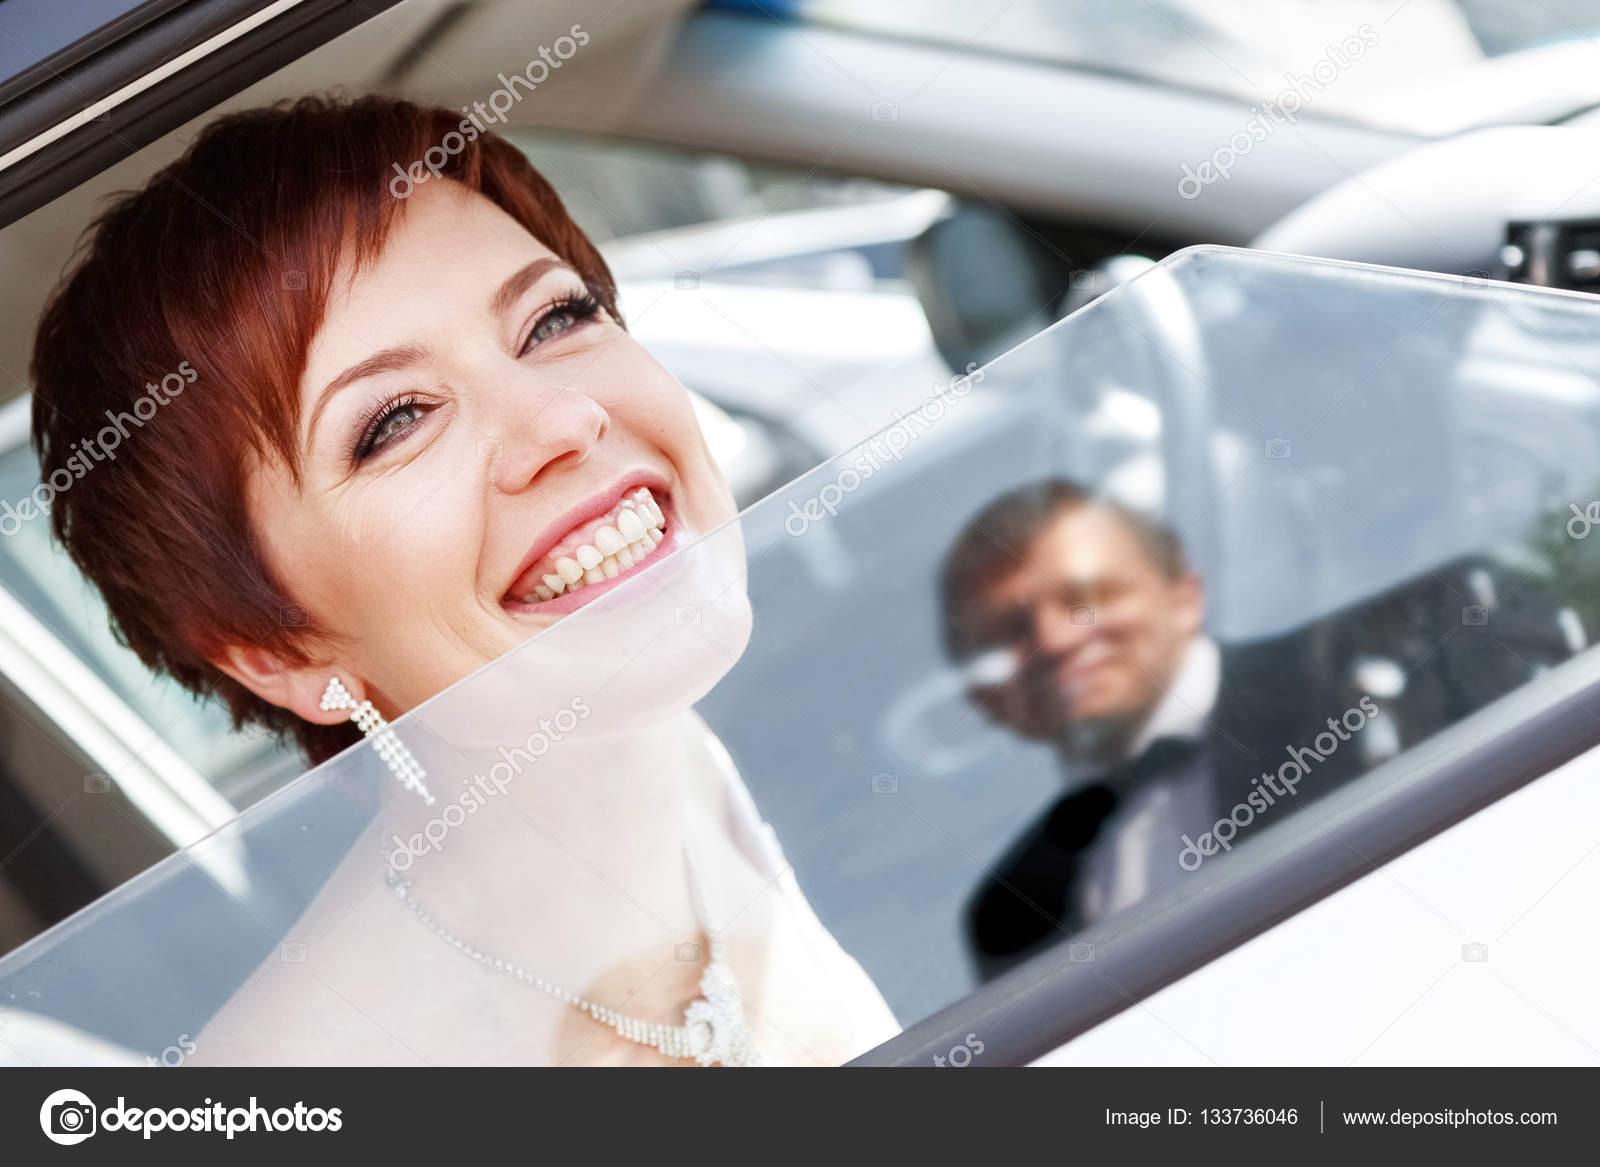 bröllop 35 år Rödhåriga rolig brud i bil leende brudgummen. Kvinna 35 år  bröllop 35 år